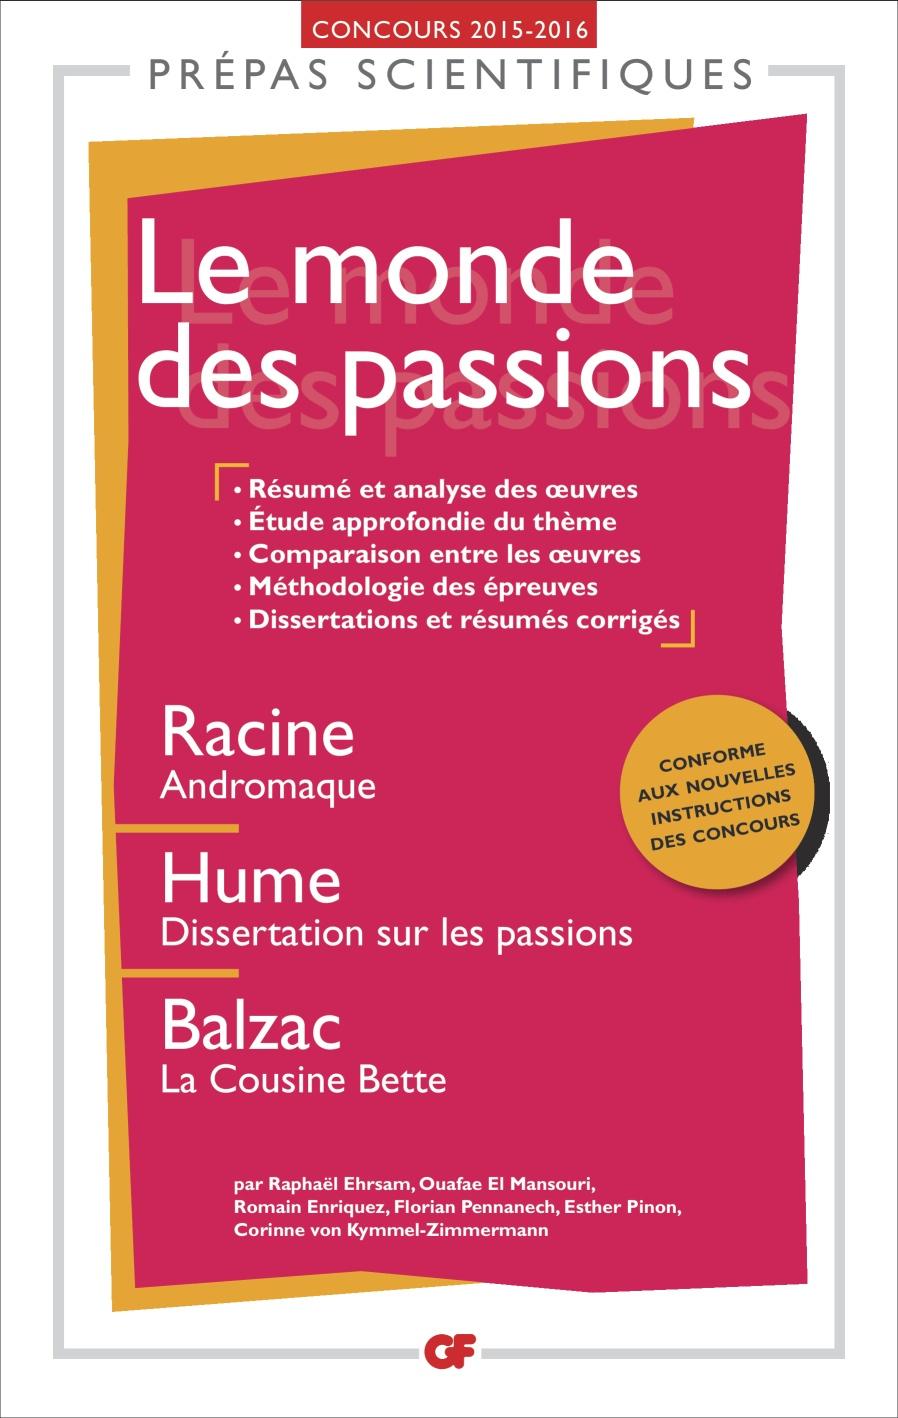 dissertation sur les passions hume résumé